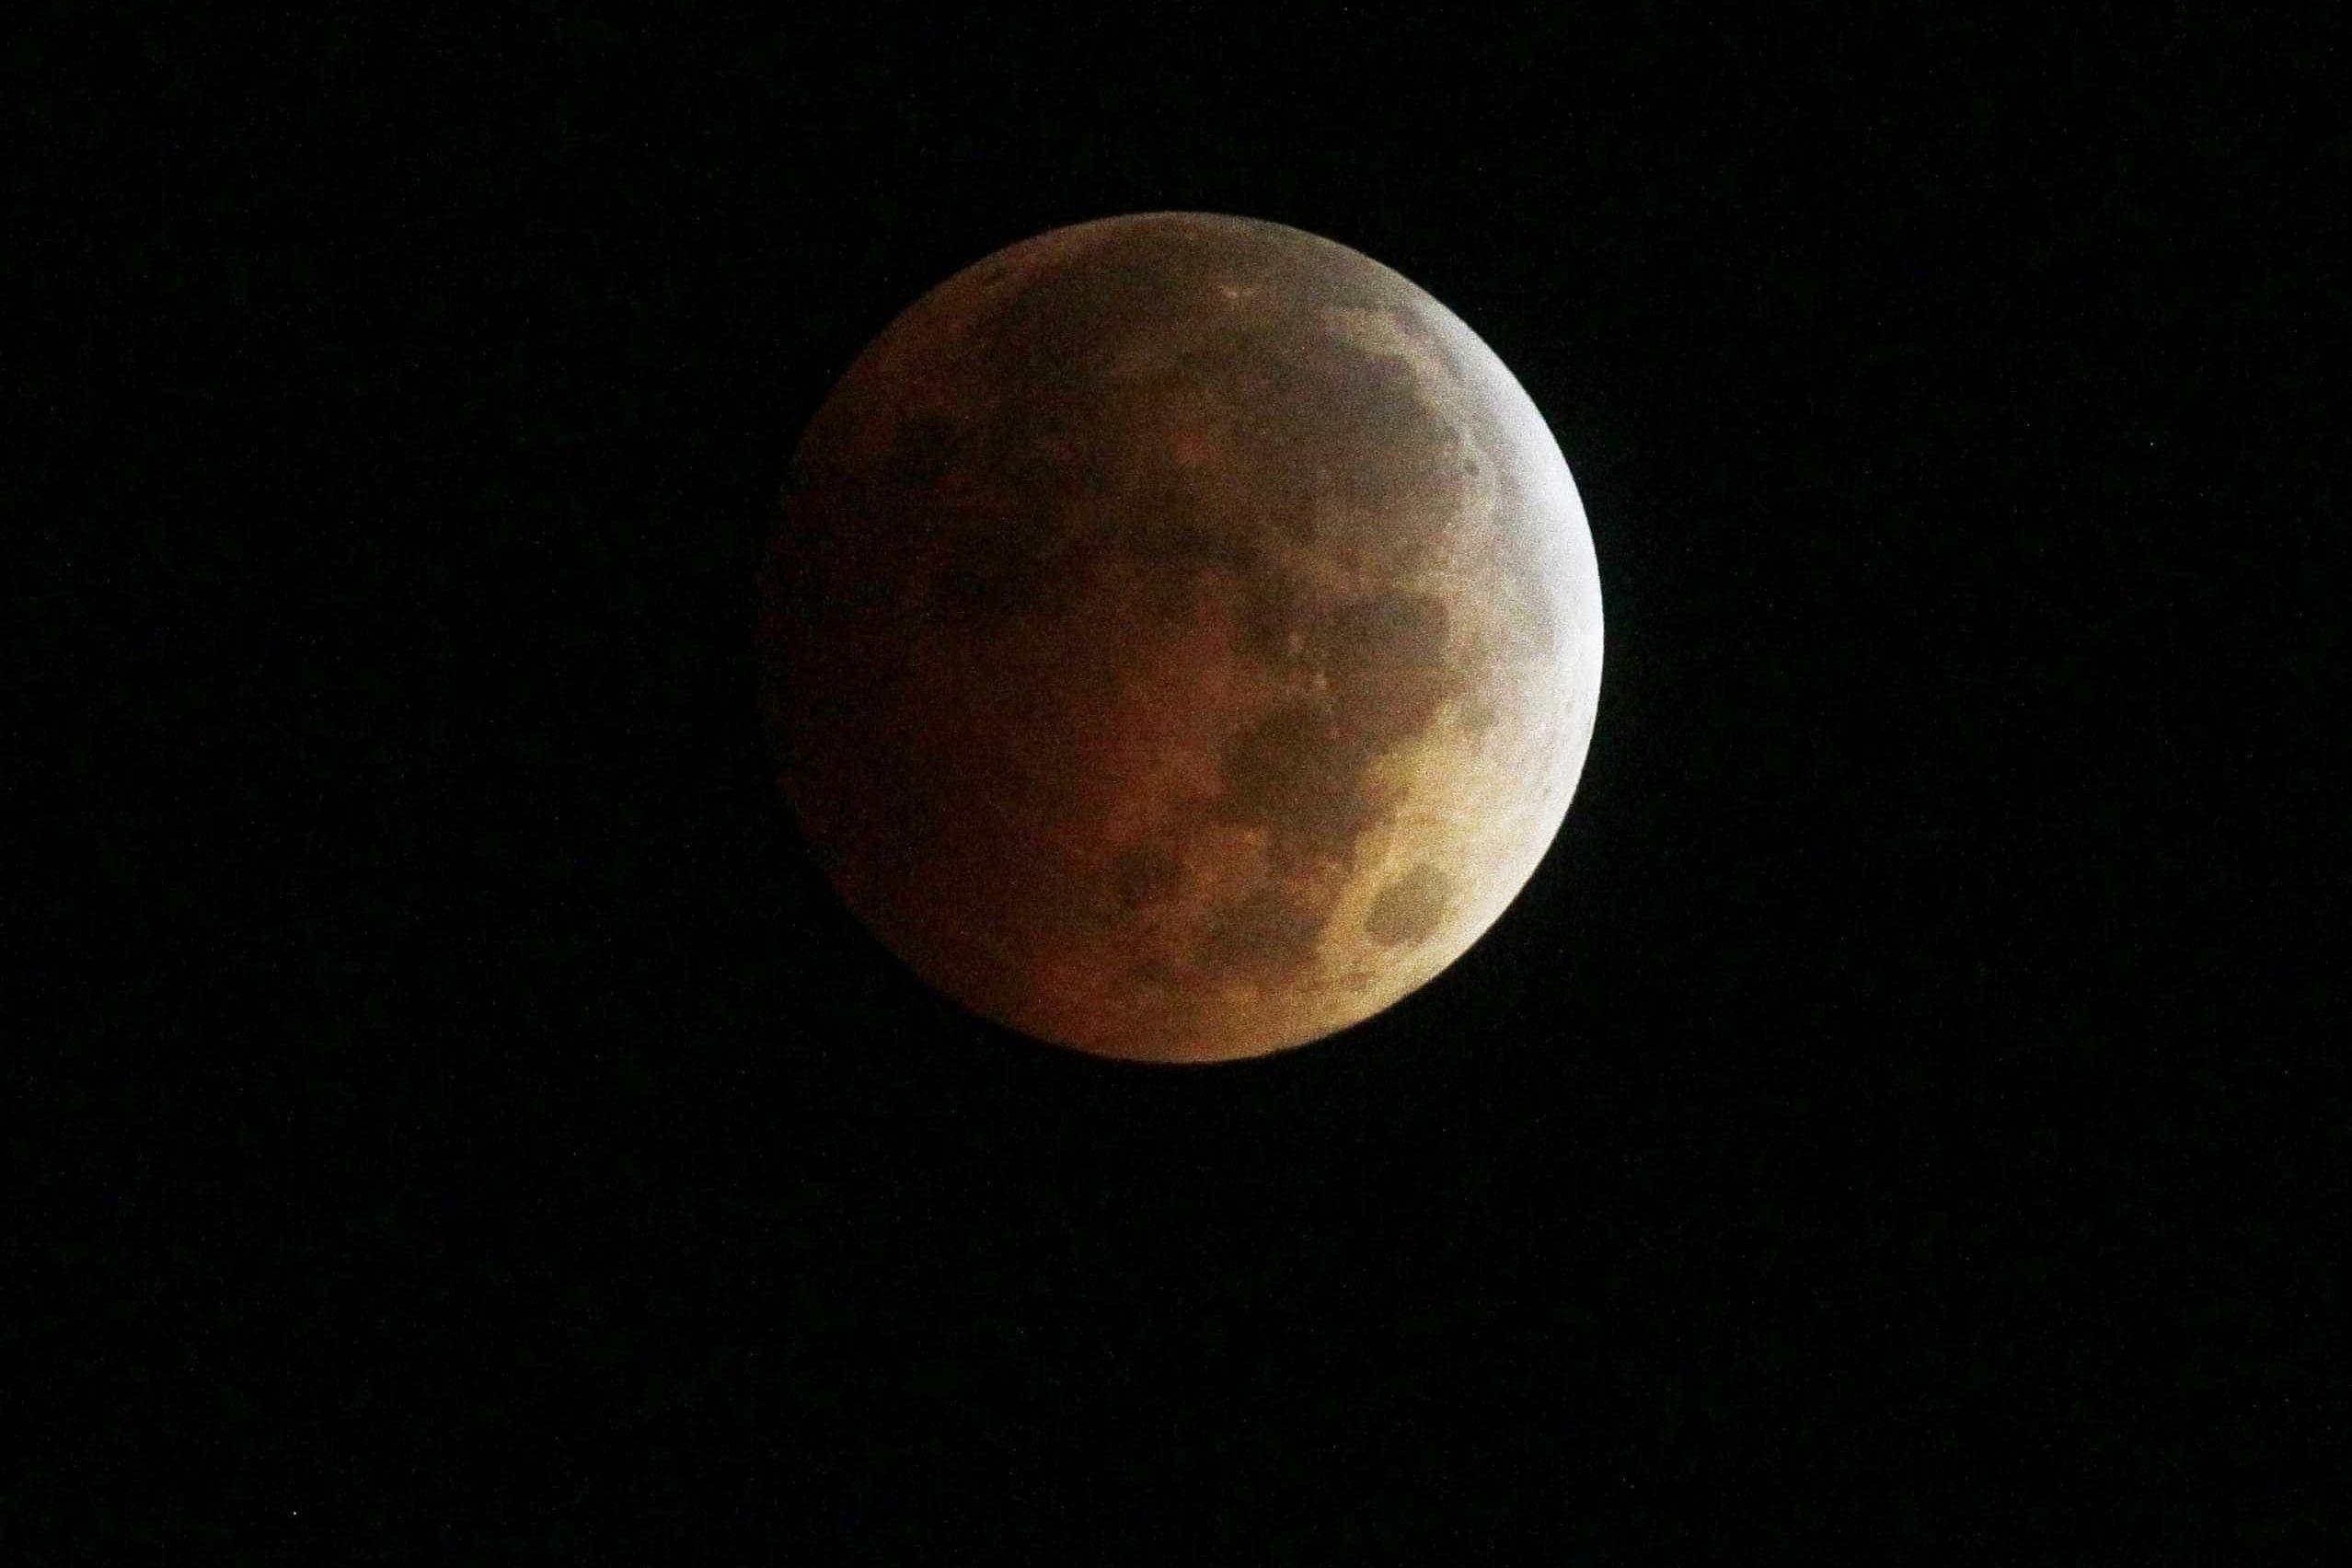 O ano 2019 começa com o eclipse total de uma Super Lua